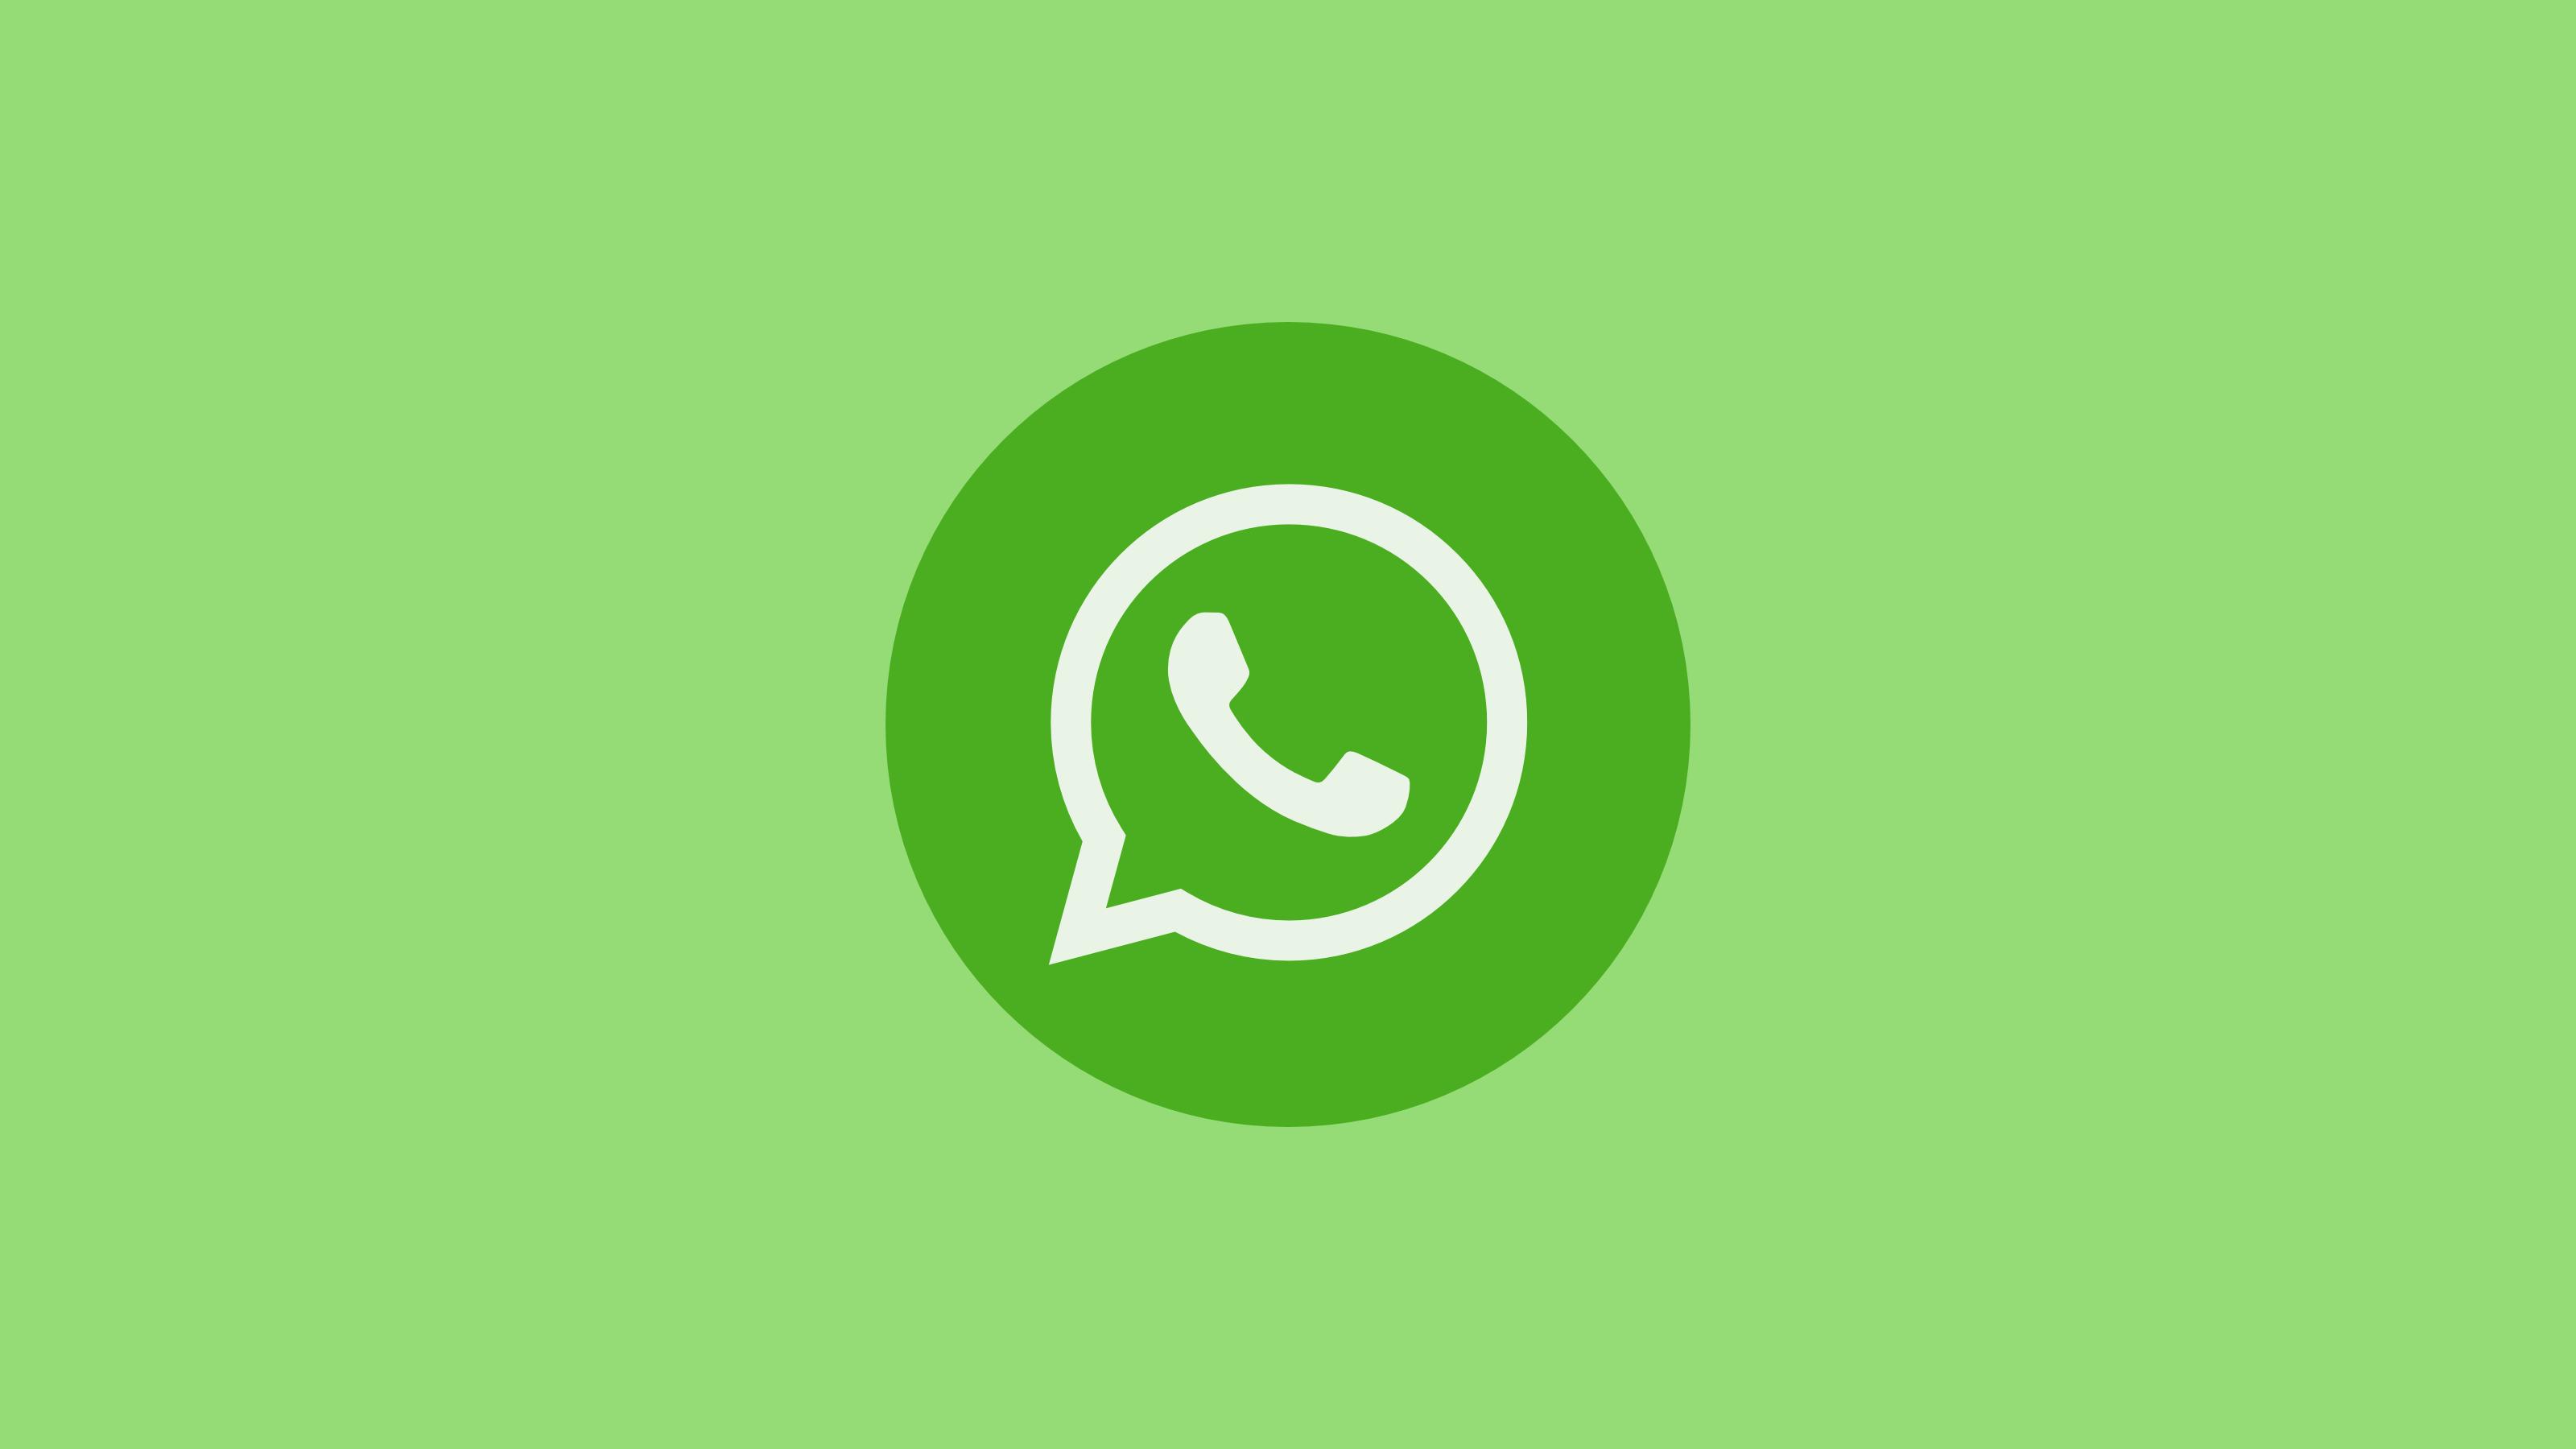 Aplicaciones De Mensajería Y Marcas La Mensajería Whatsapp